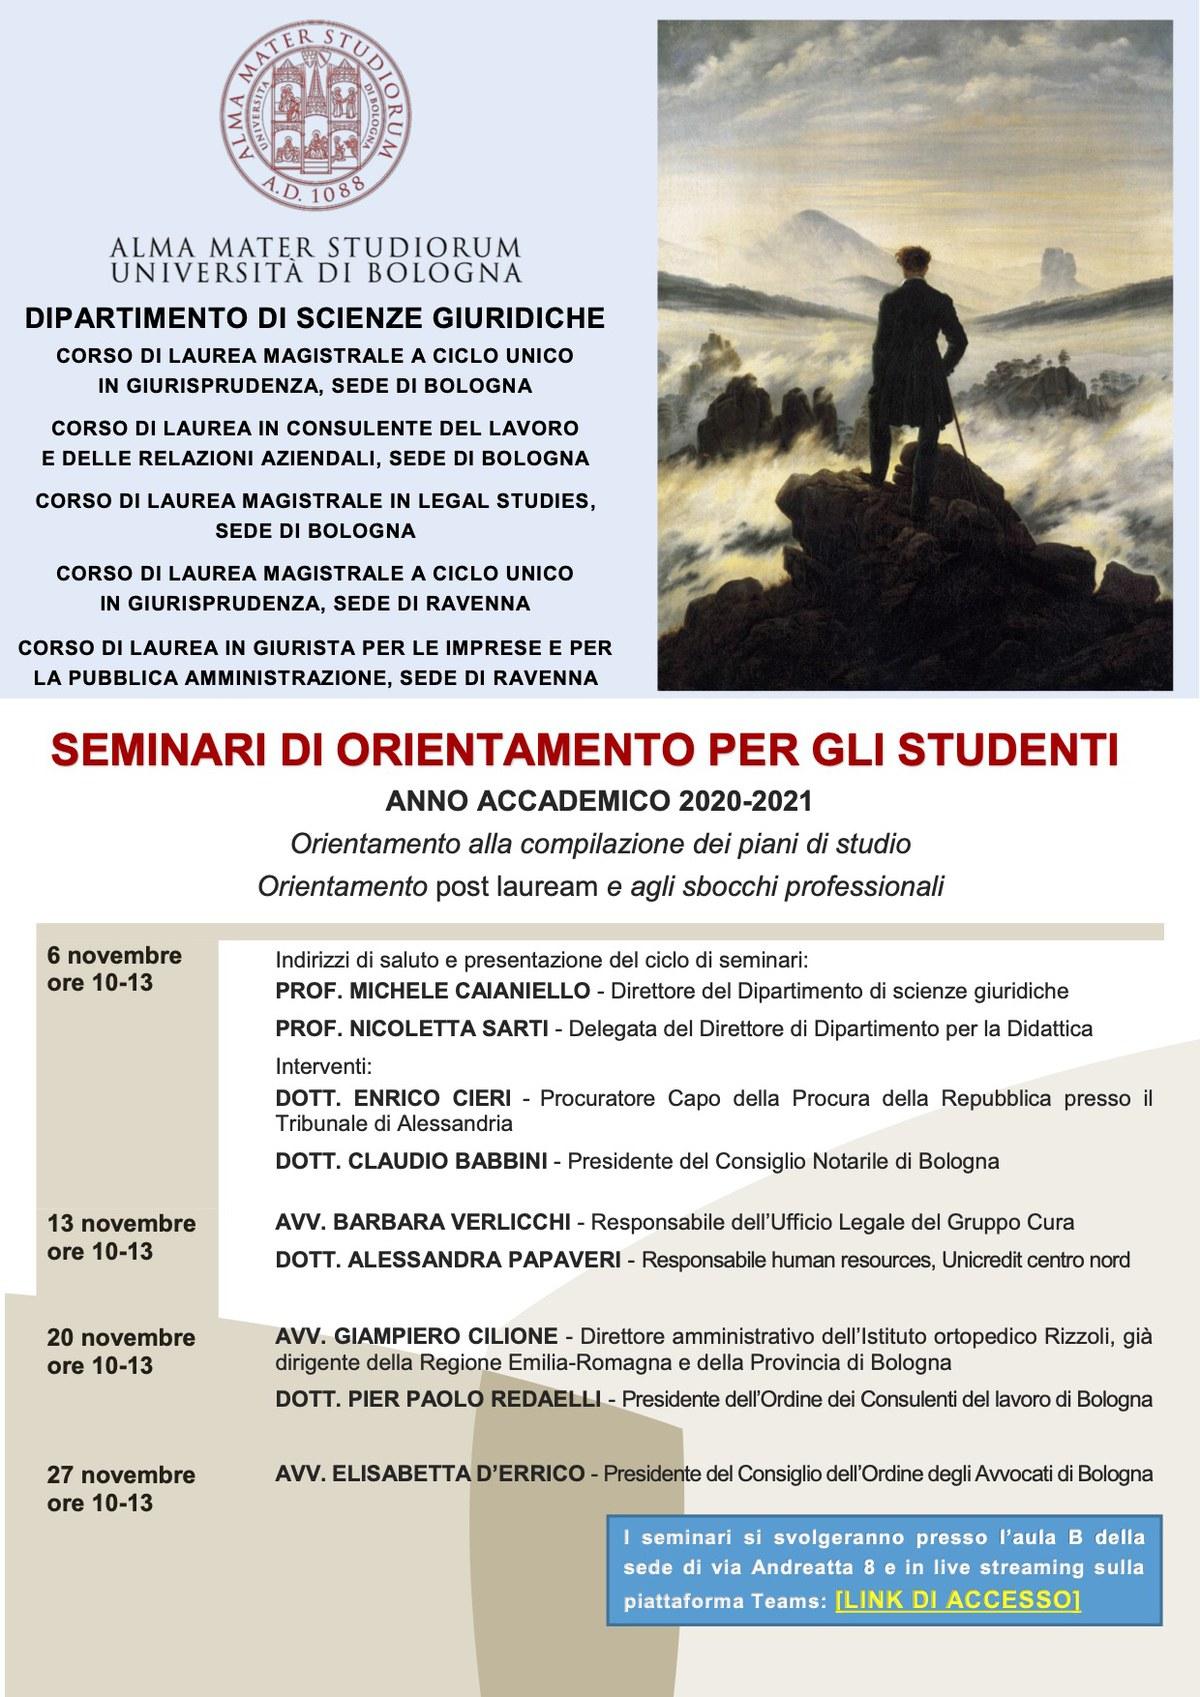 SEMINARI DI ORIENTAMENTO PER GLI STUDENTI A.A. 2020/21 ...